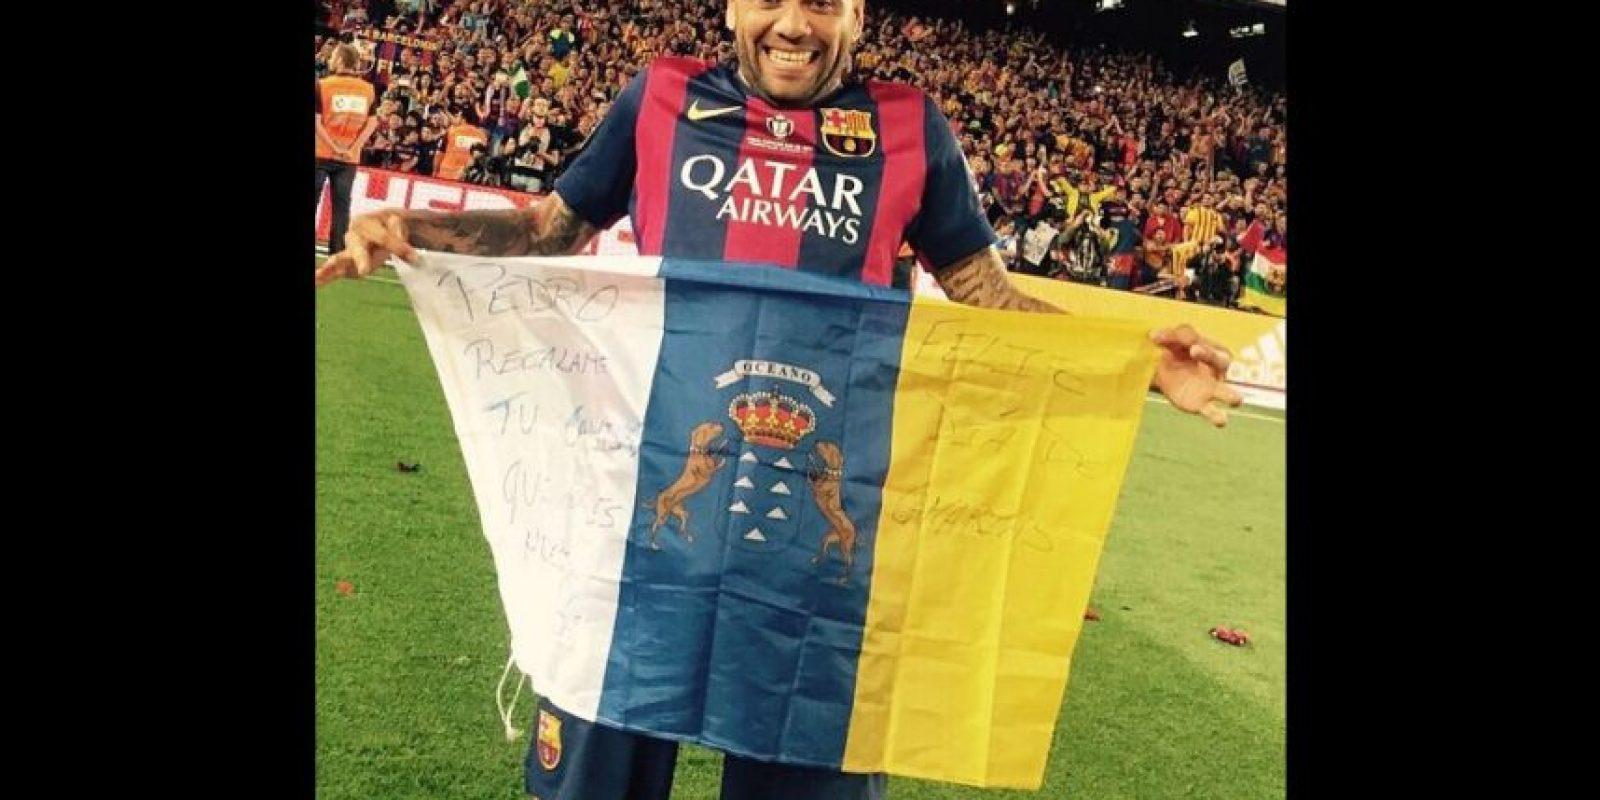 Joana también publicó una foto de Alves portando la bandera de las Islas Canarias, lugar de donde ella es originaria. Foto:Vía instagram.com/joanasanz